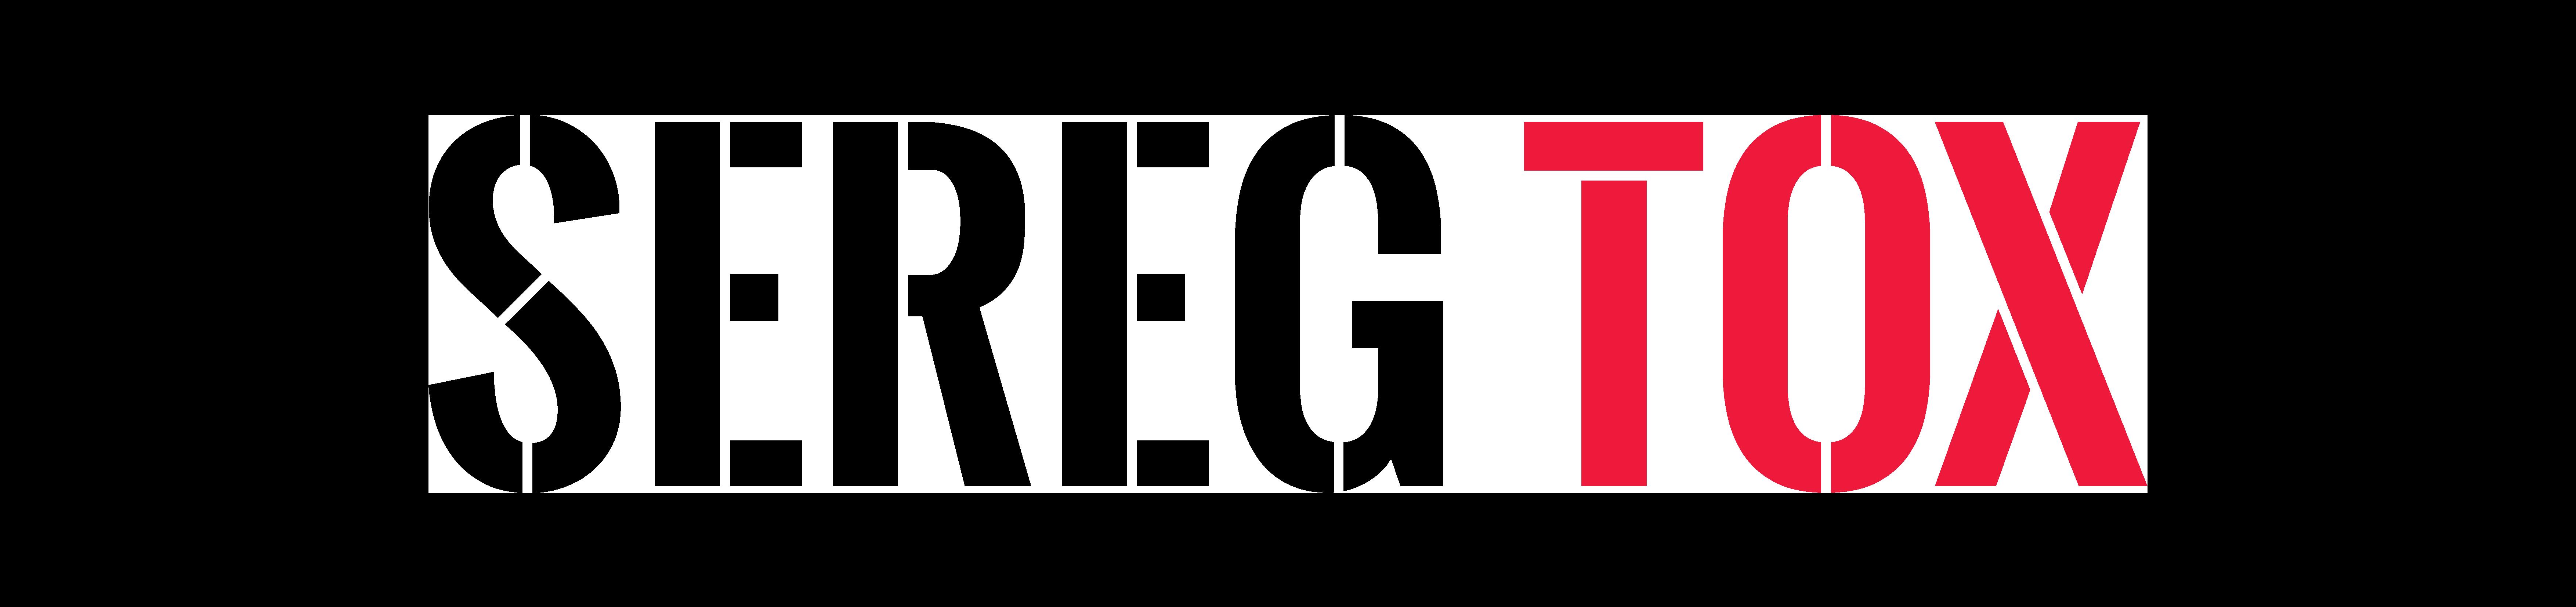 seregtox - logo